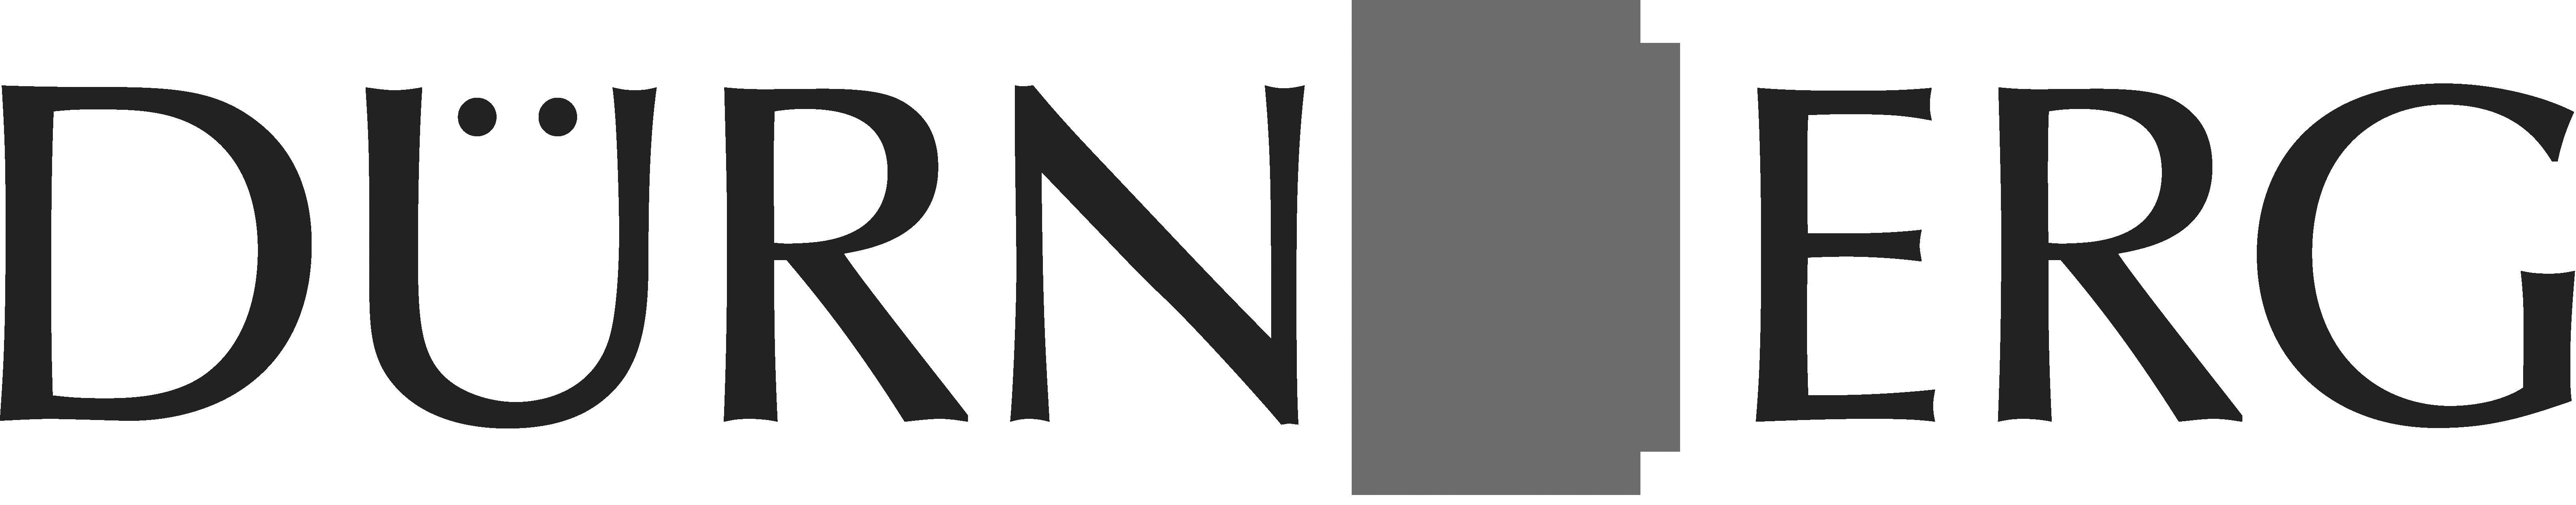 Durnberg